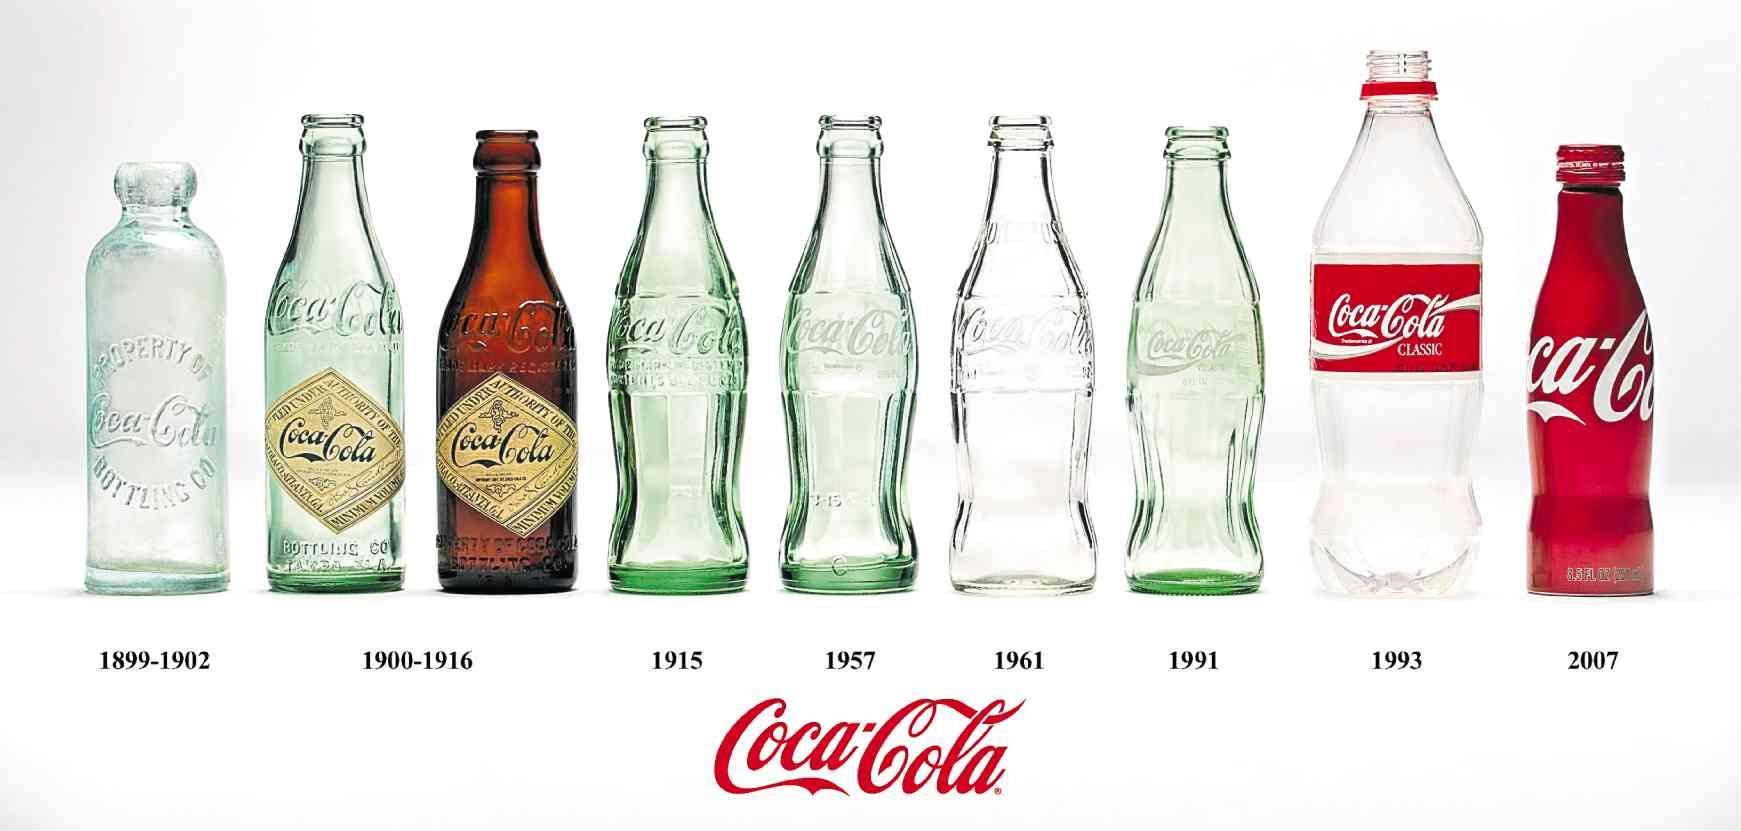 Tarihi markalar müşterilerle nostalji yaşıyor